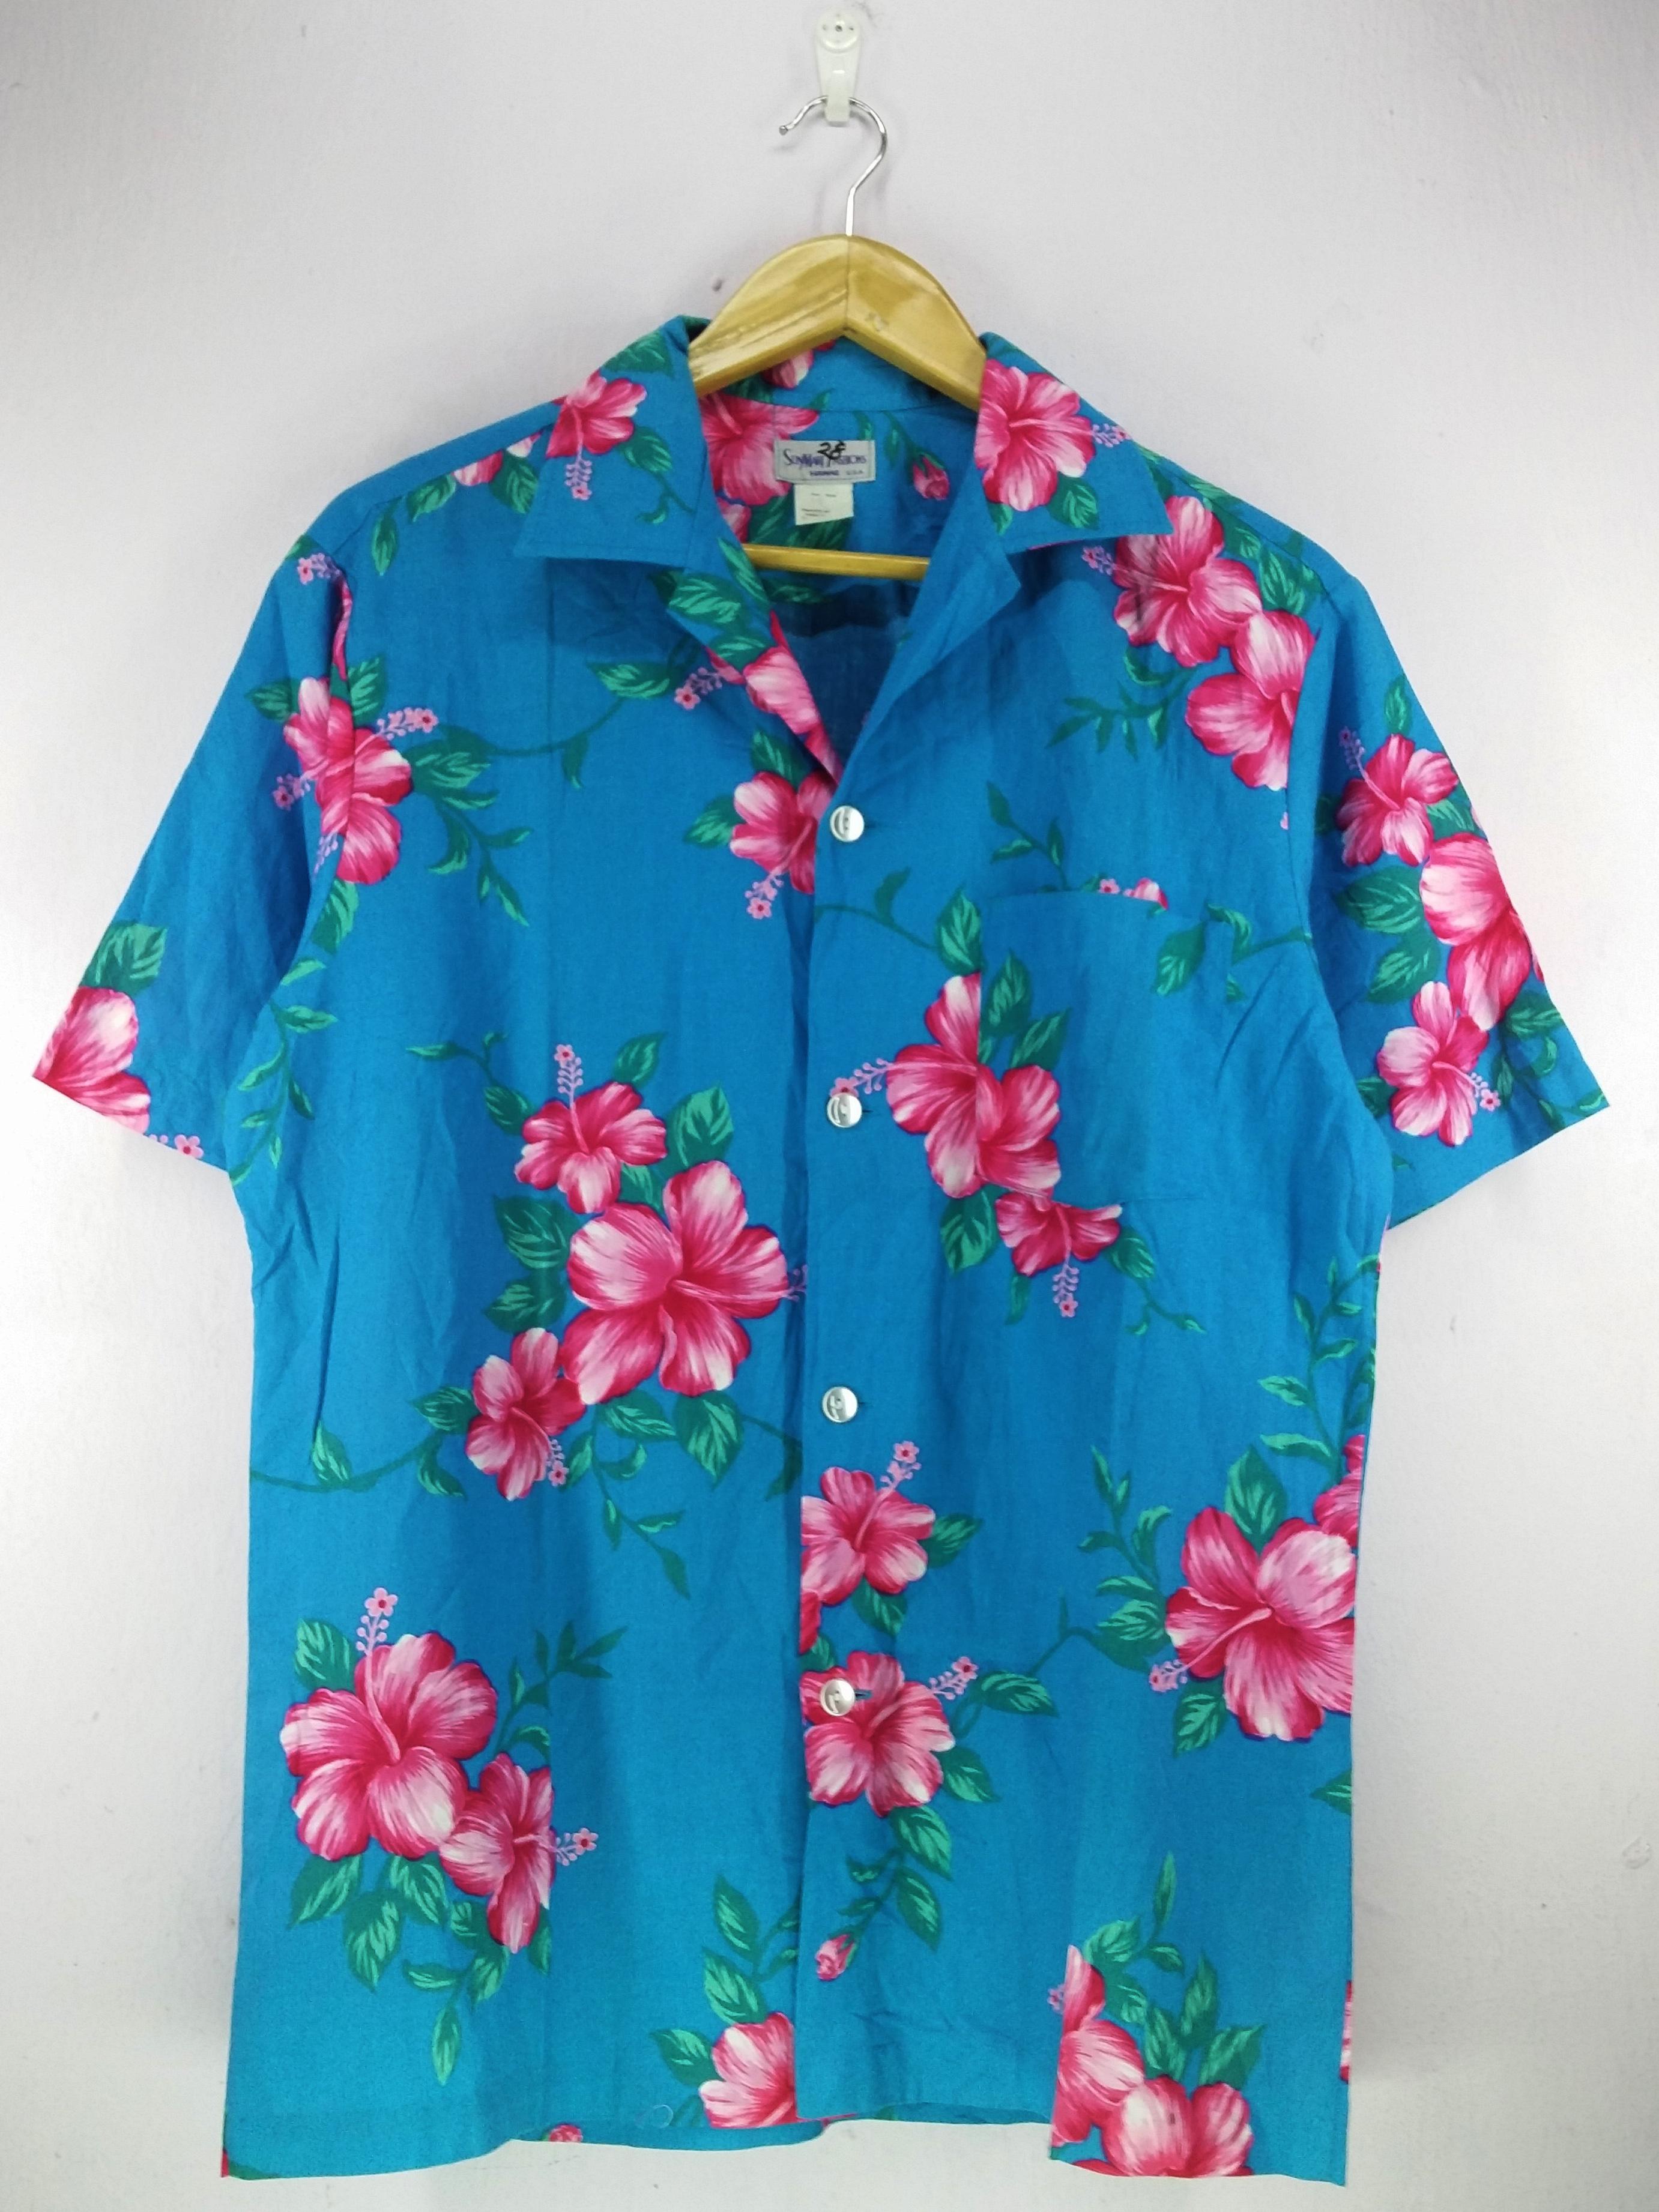 2a4f682c Made In Hawaii × Hawaiian Shirt ×. Sun Mart Hawaii Hibiscus Tropical Ocean  Blue Pattern Abstract Hawaiian Shirt Buttons Up Hawaii Surf ...